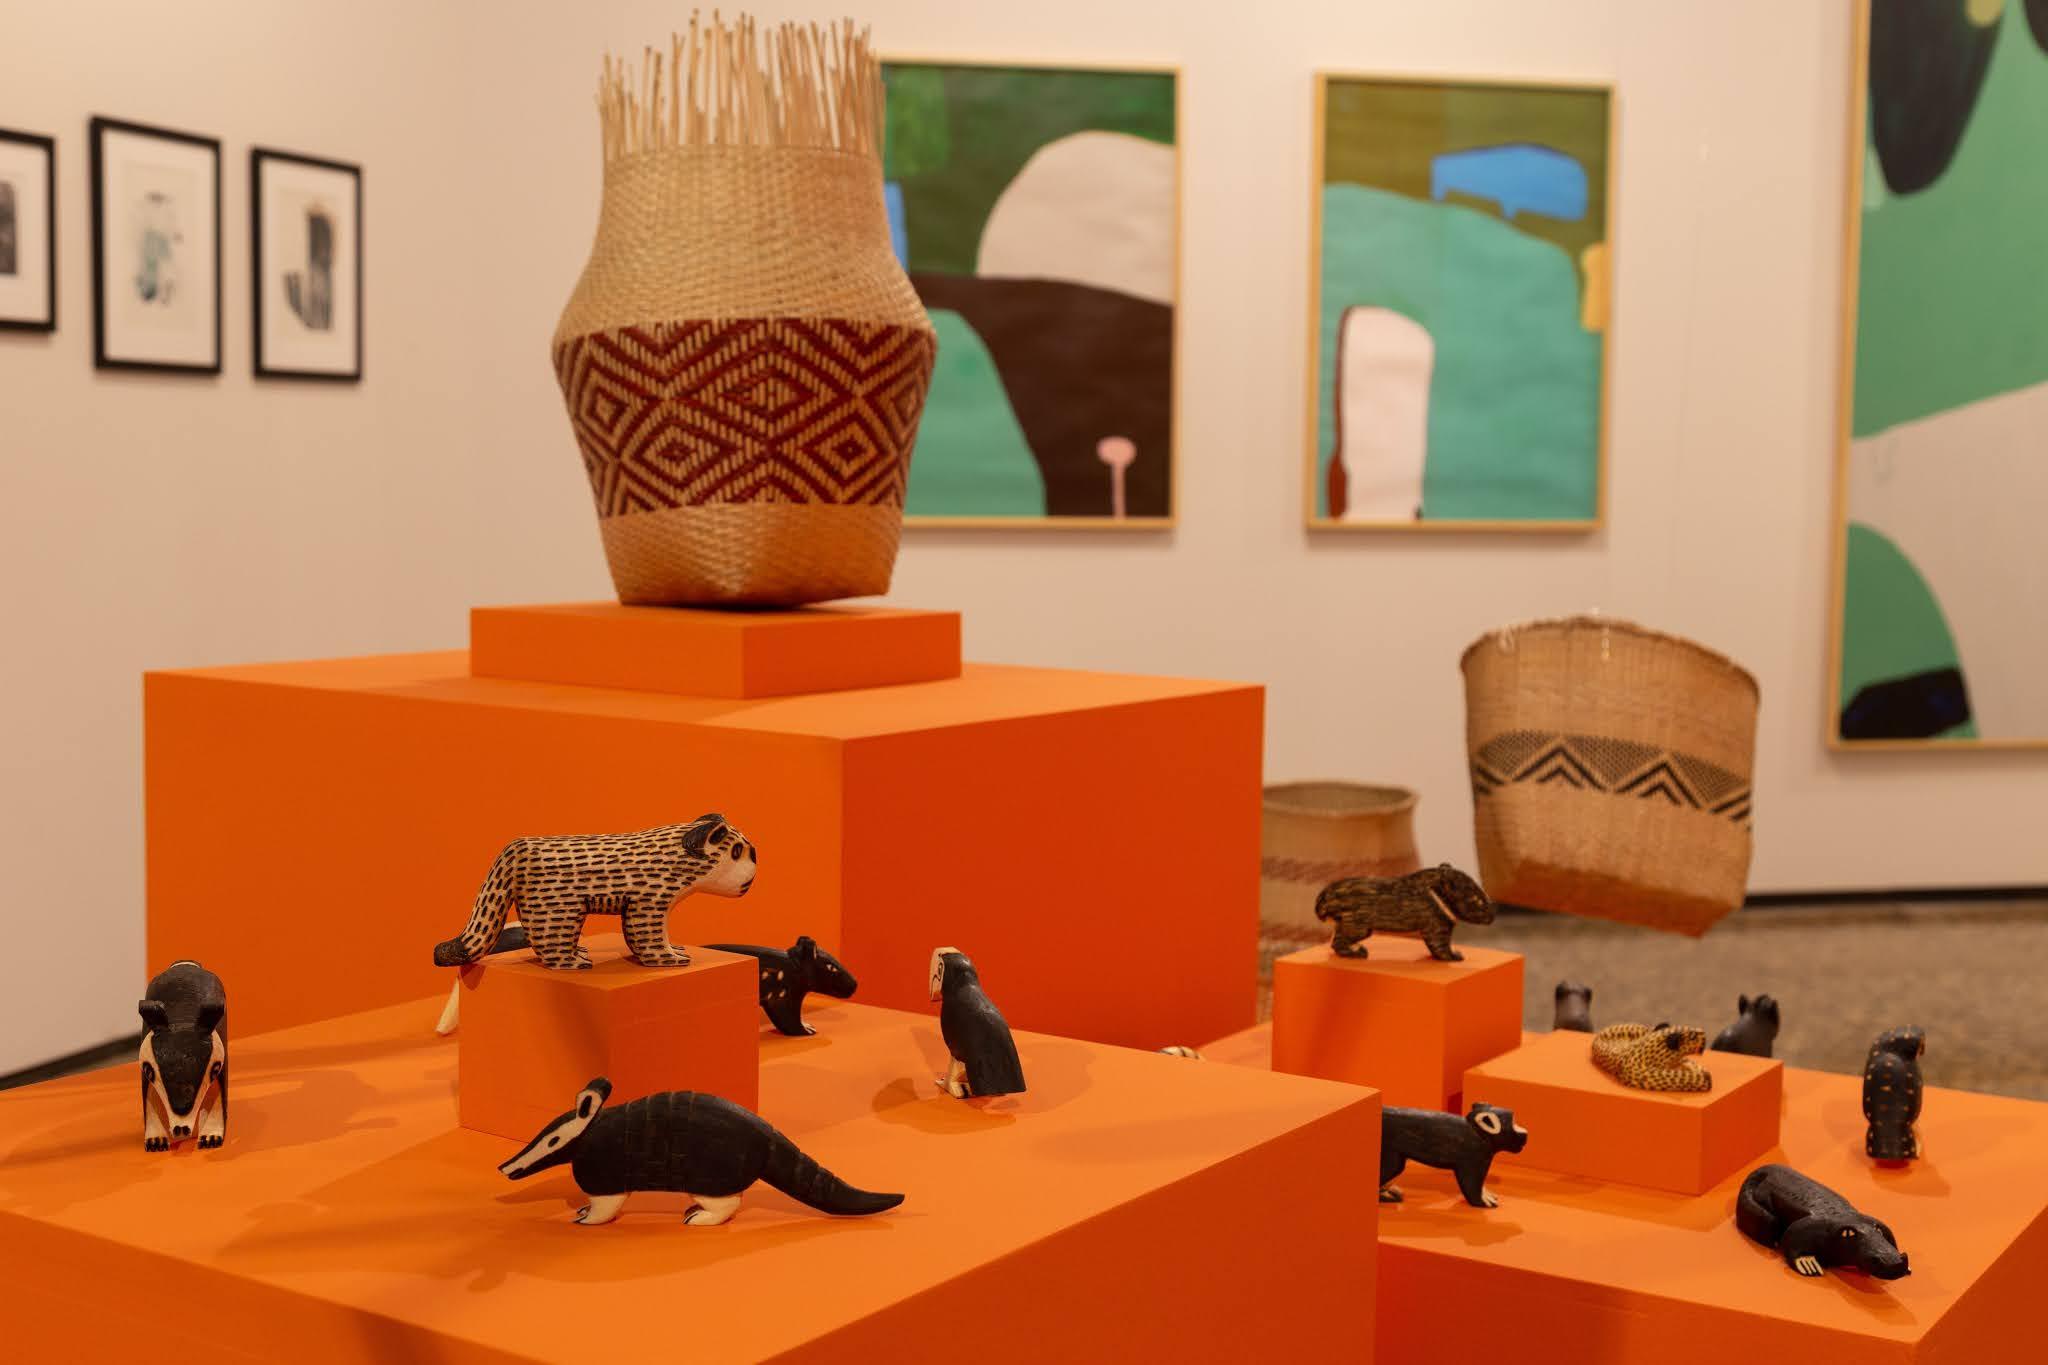 Sesc Santos realiza 'Exposição PORTOS' com obras de 61 artistas da Baixada Santista